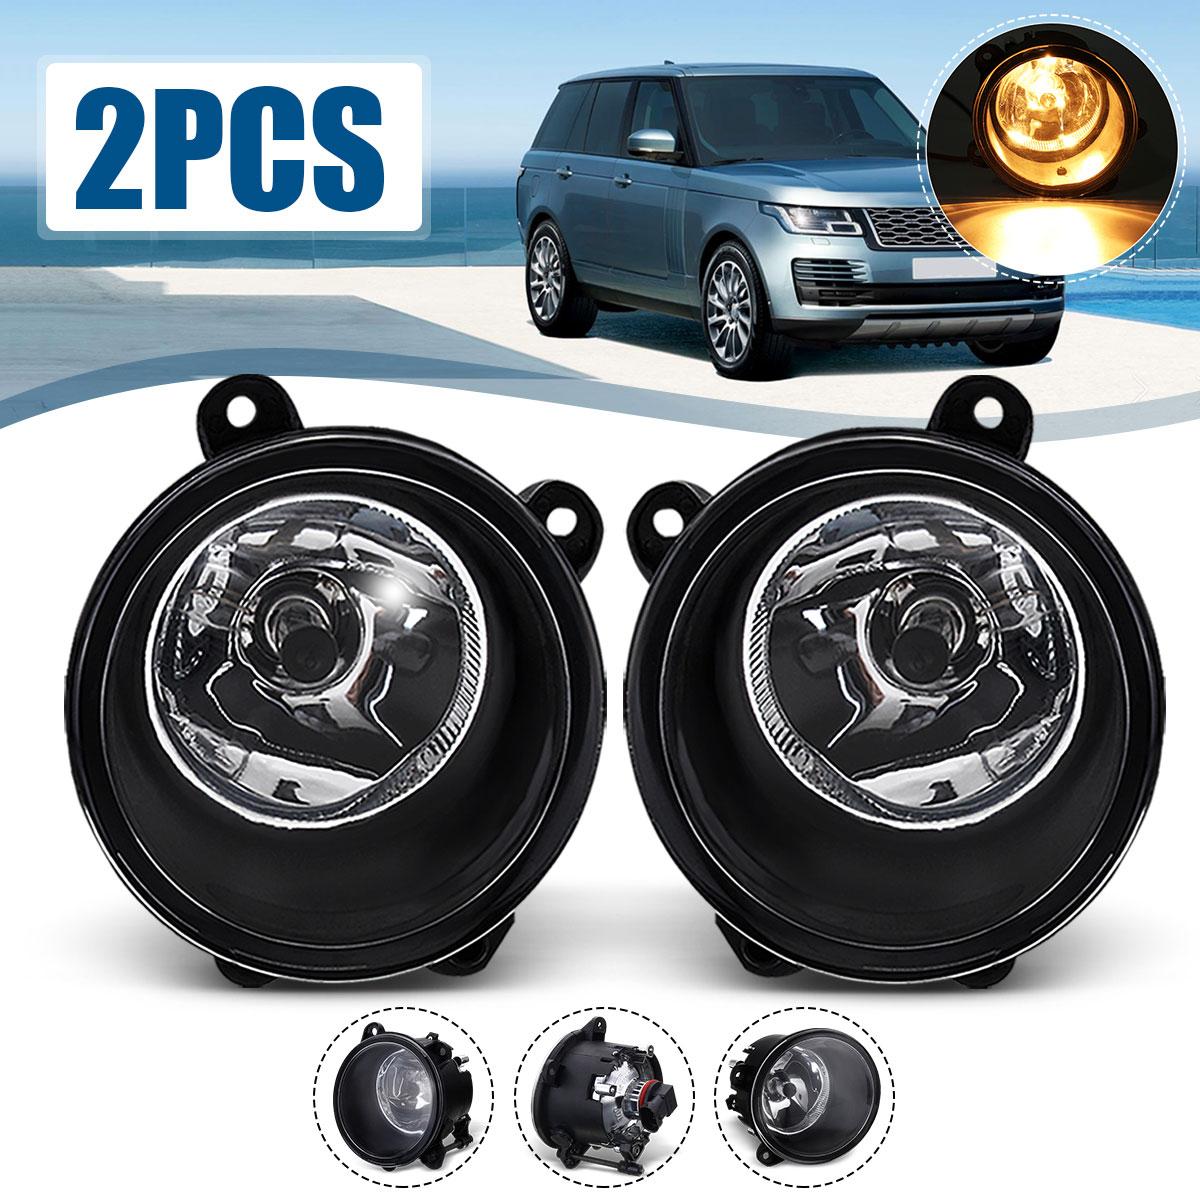 Пара противотуманных фар ясно лампы с H11 лампы для Land Rover Discovery 3 2003 2004 2005 2006 2007 2008 2009 для вождения автомобиля укладки